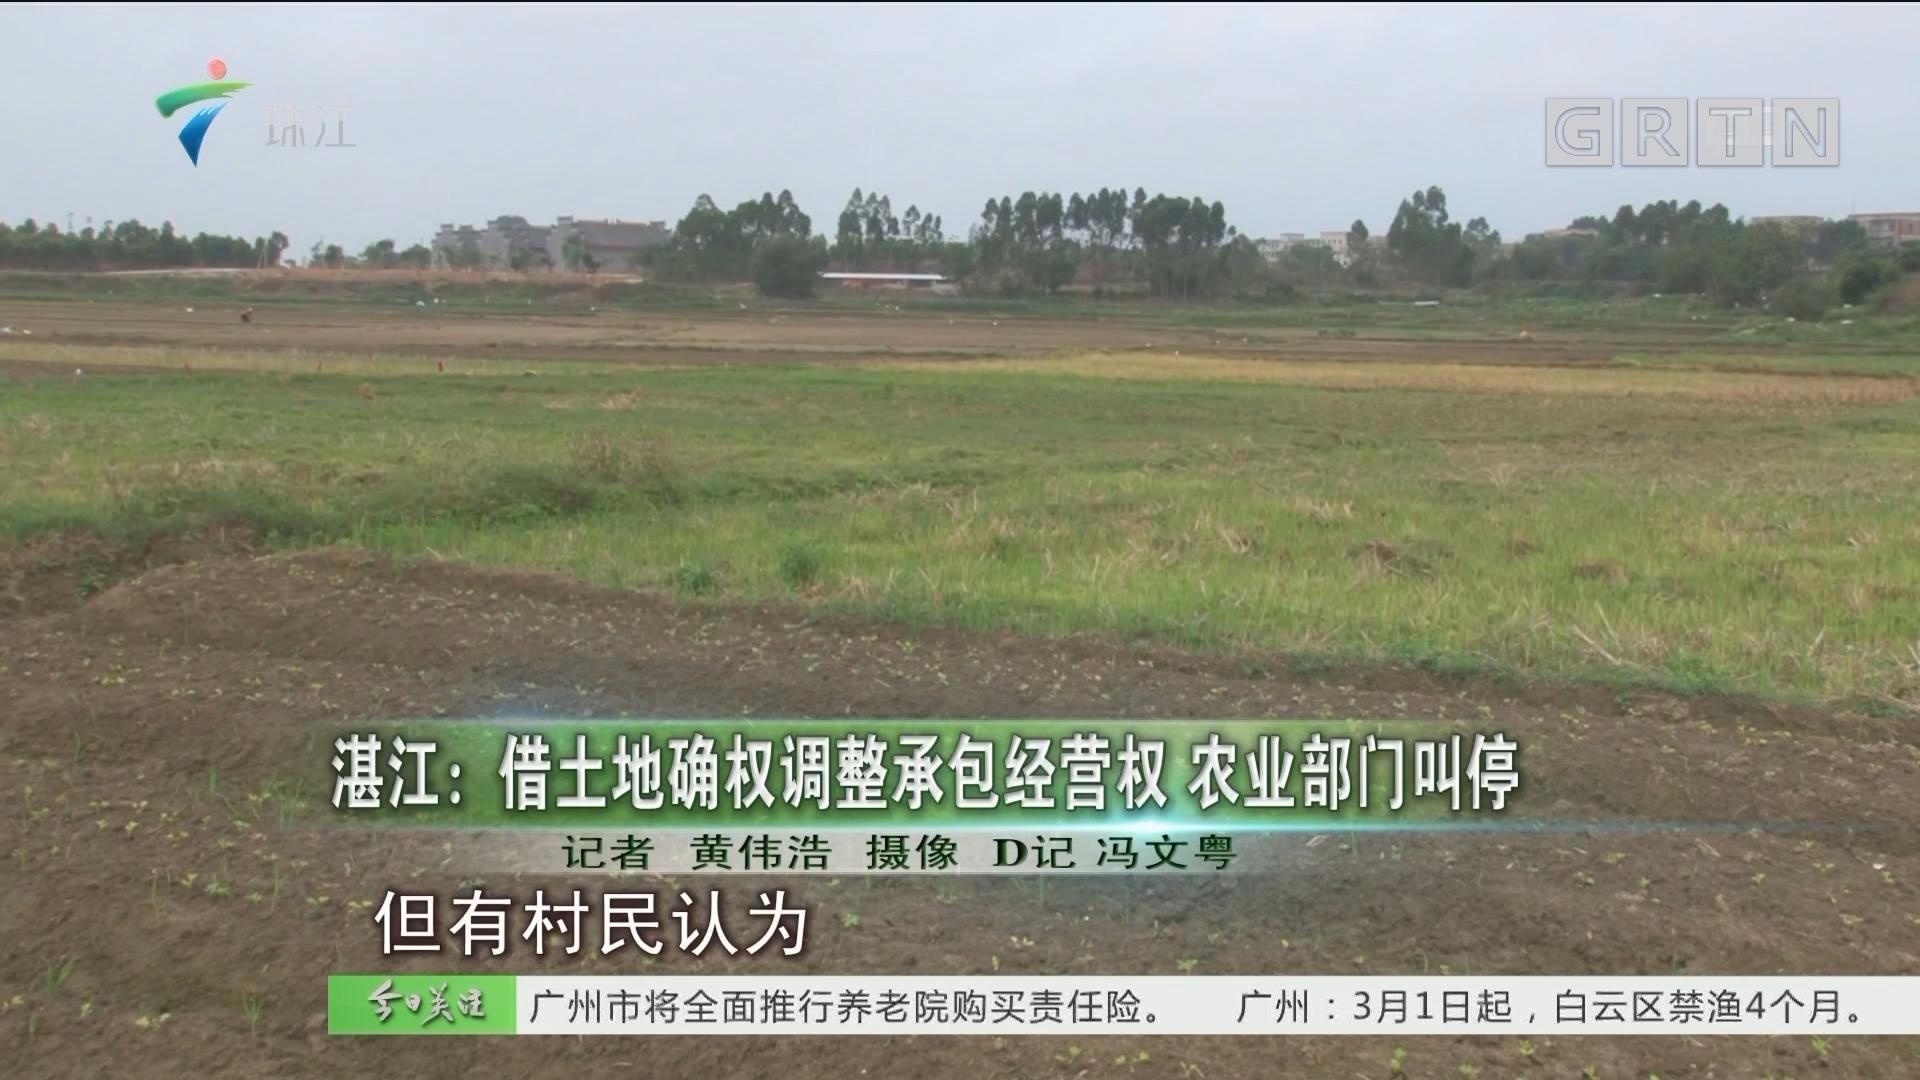 湛江:借土地确权调整承包经营权 农业部门叫停